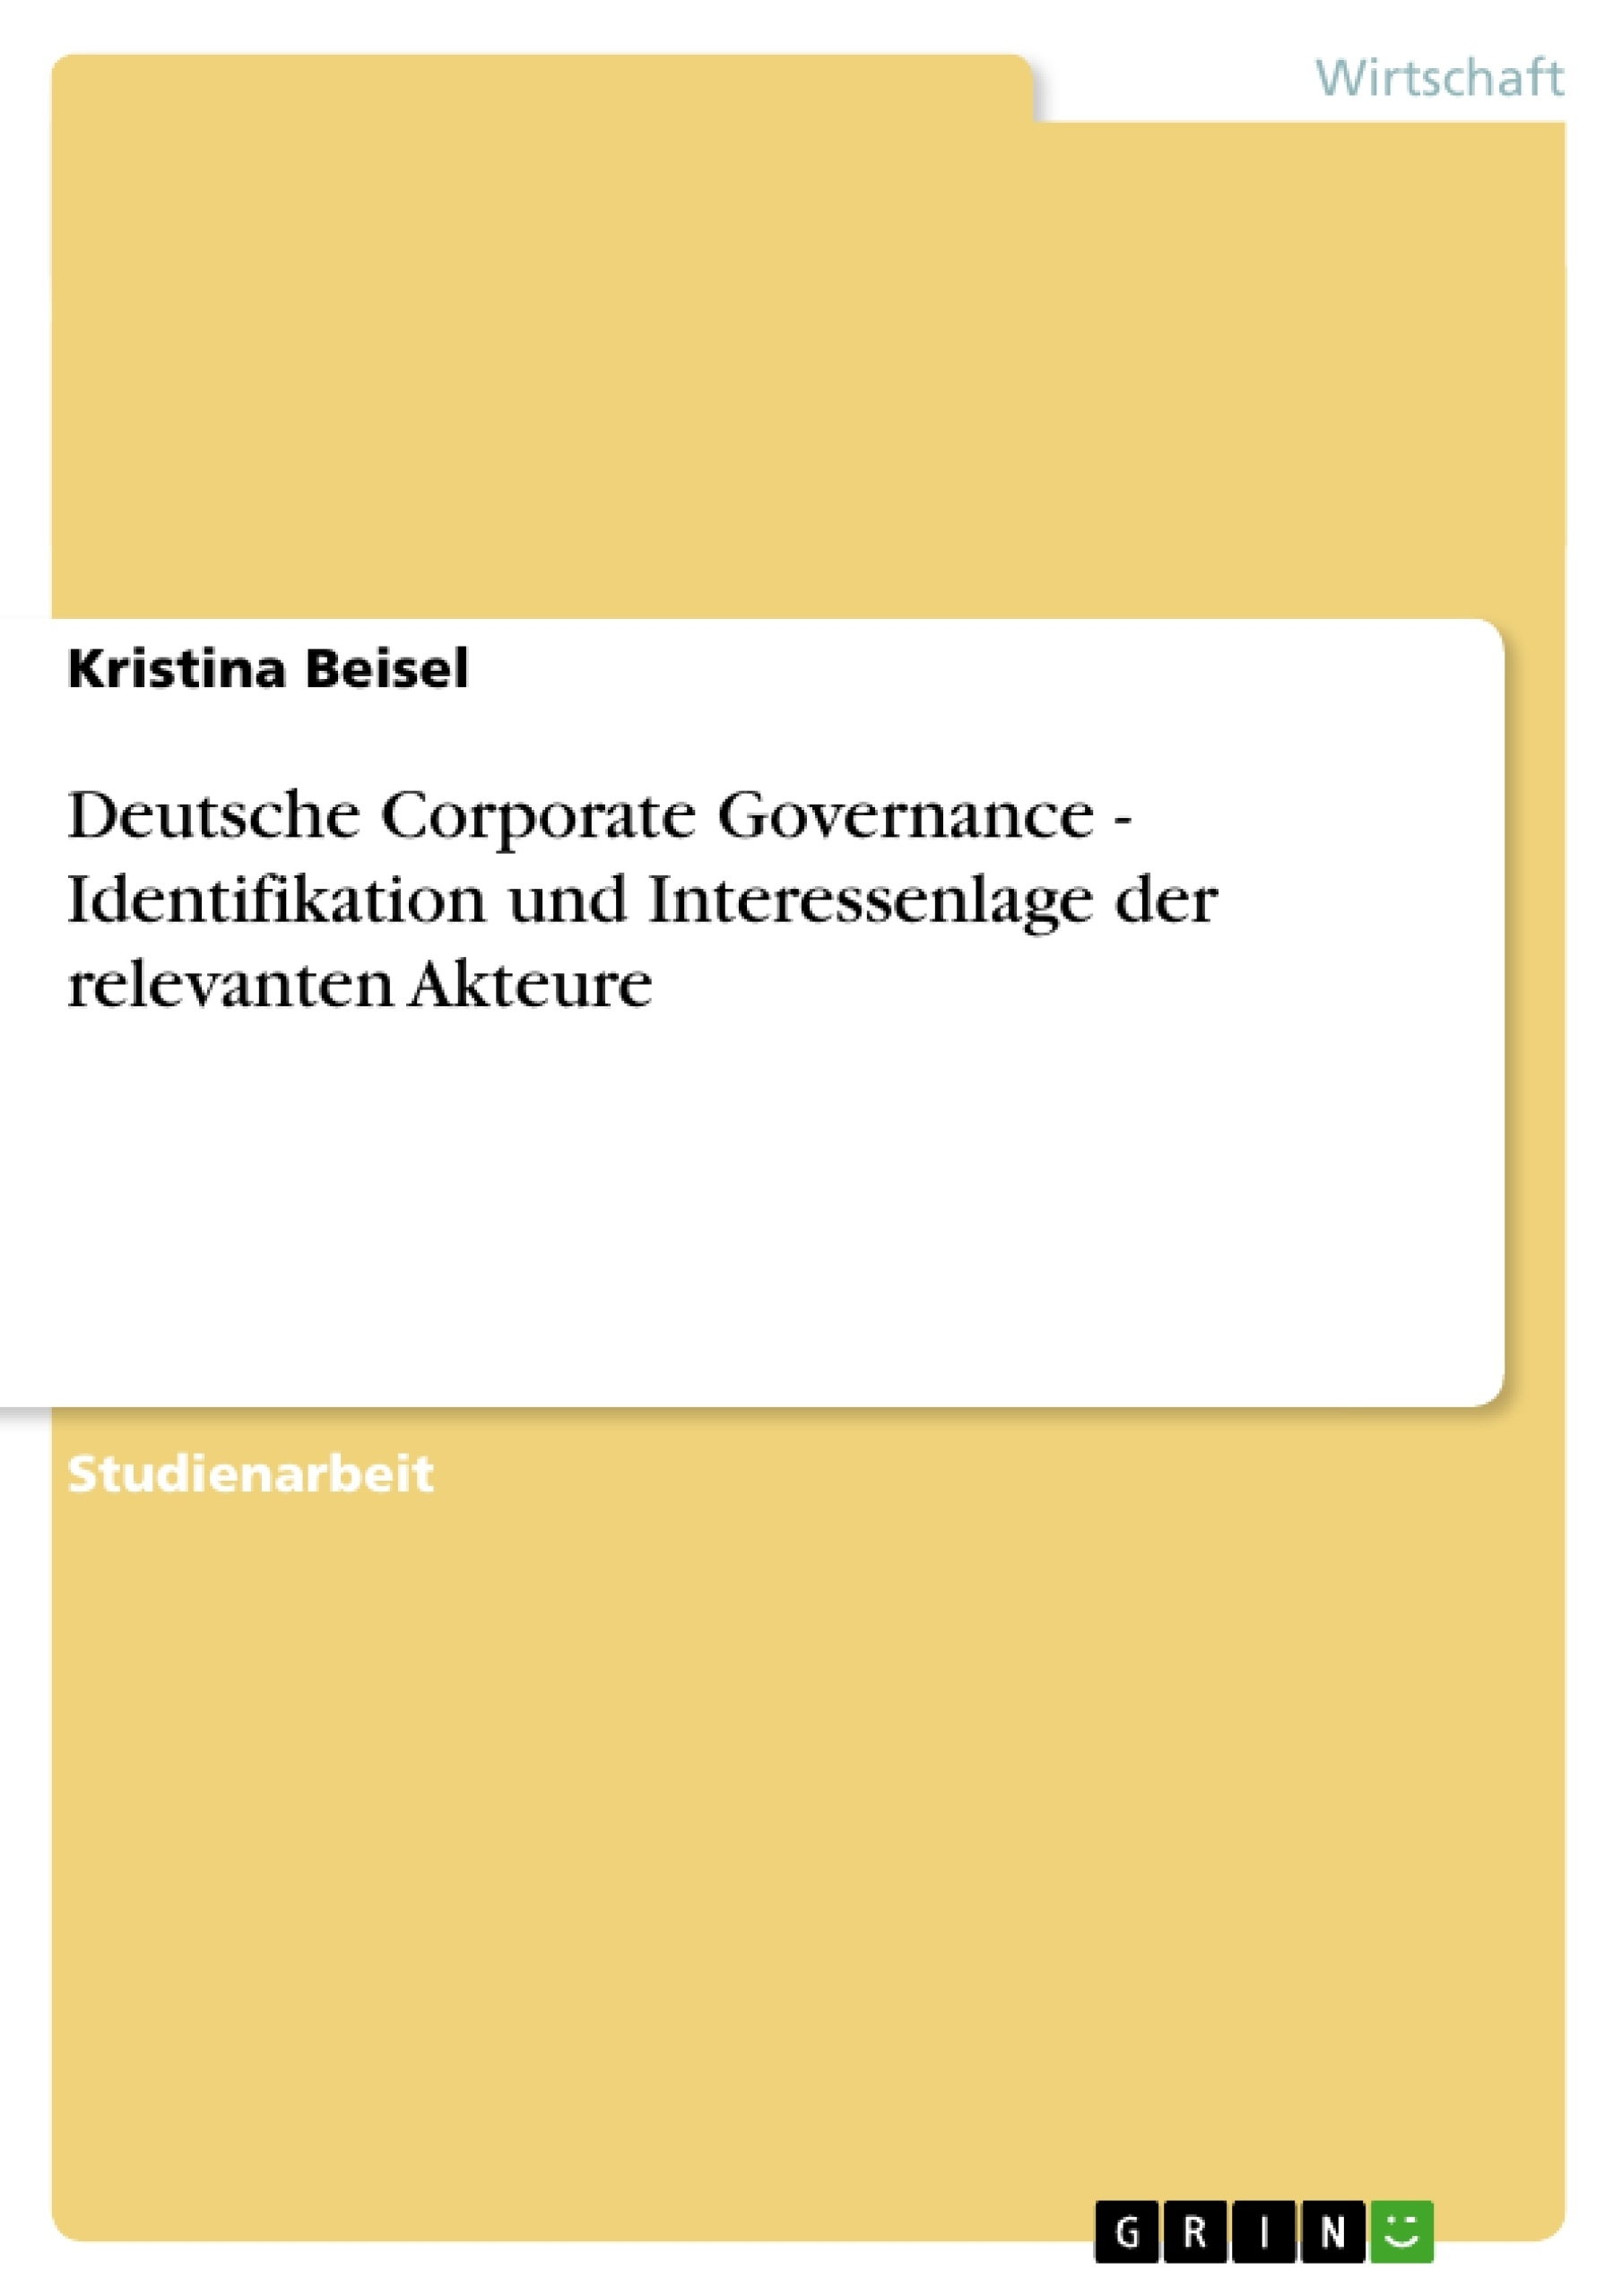 Titel: Deutsche Corporate Governance - Identifikation und Interessenlage der relevanten Akteure